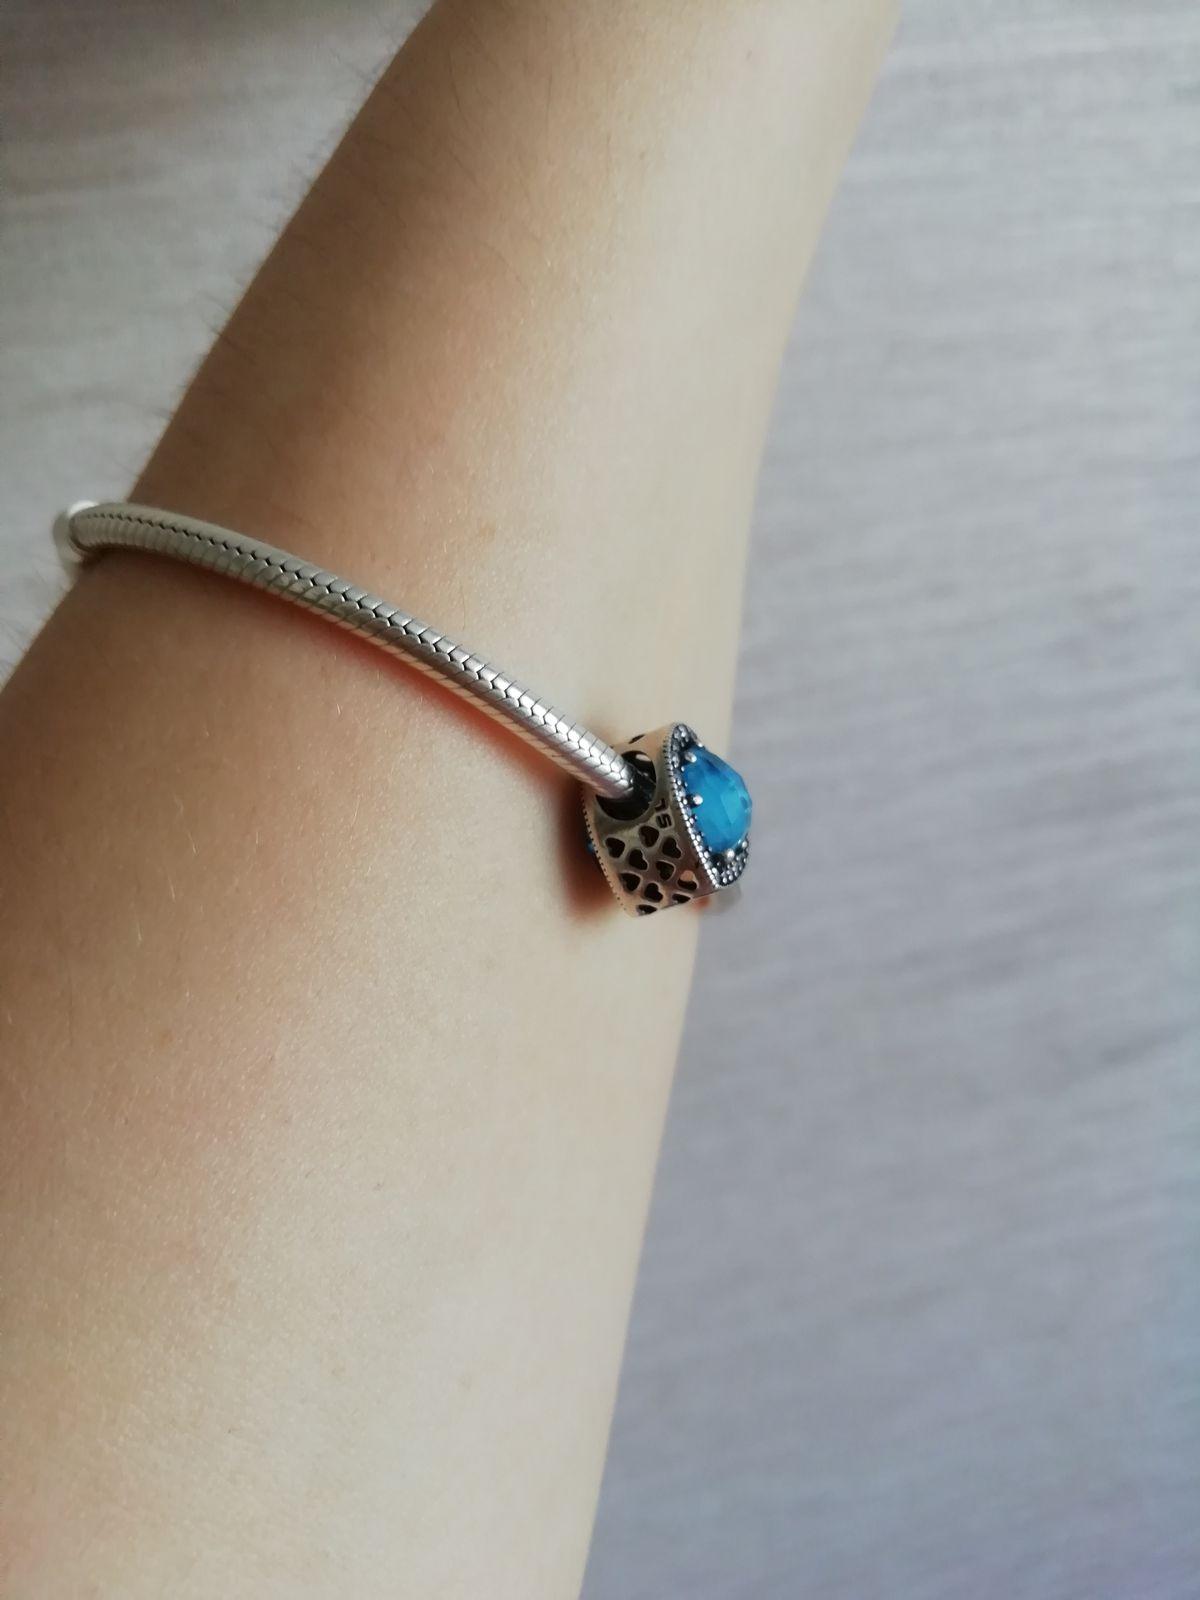 Серебряная подвеска для браслета с голубым алпанитом